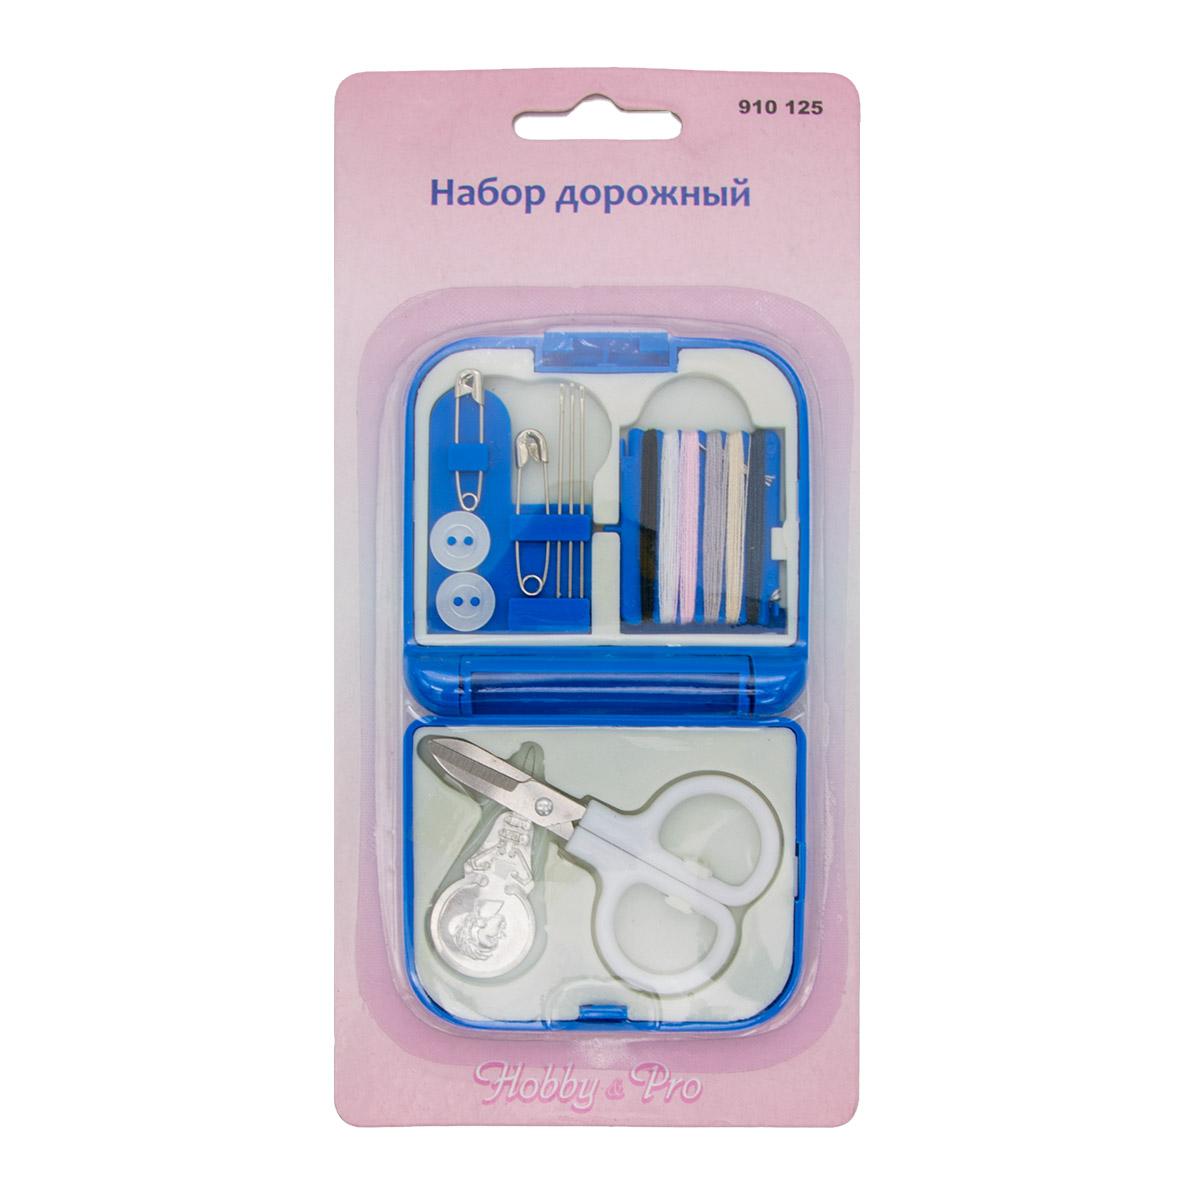 910125 Набор швейный, 20 предметов, Hobby&Pro